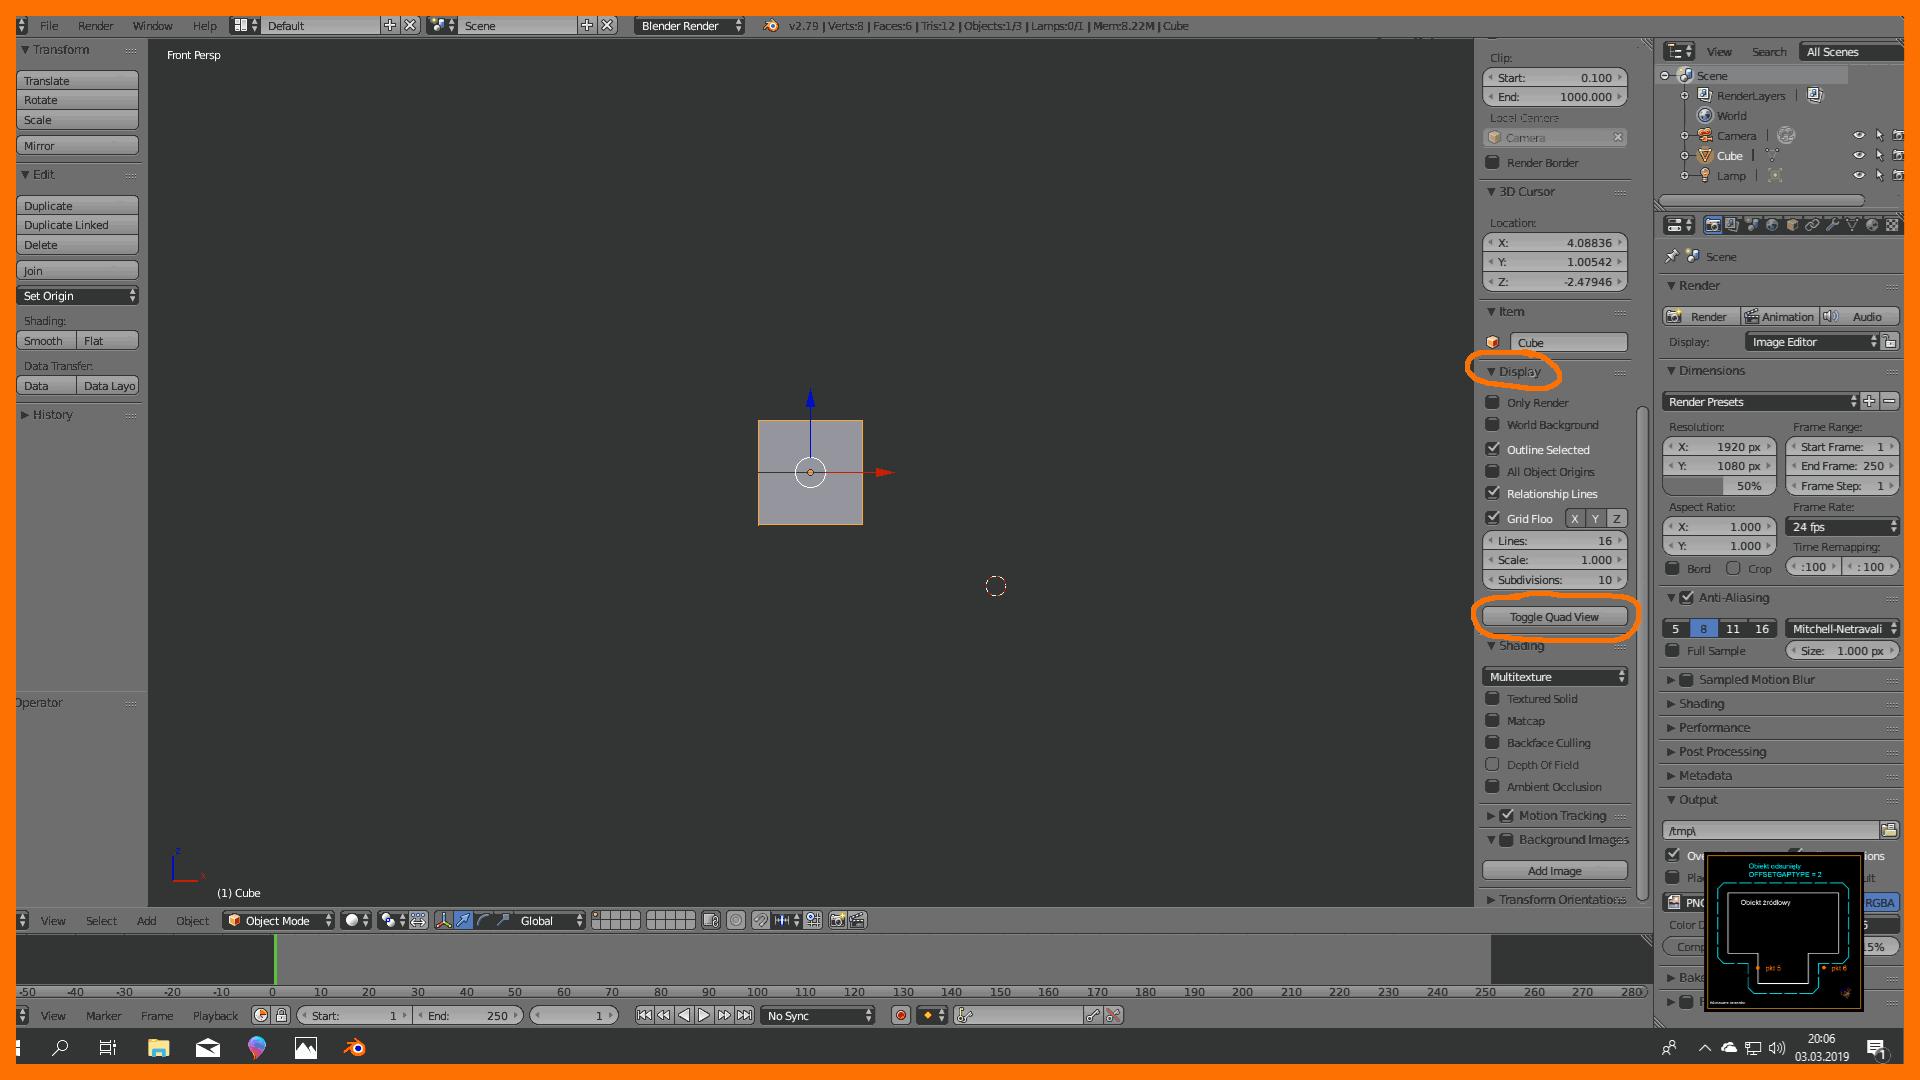 Nauka obsługi programu blender 3d - podział ekranu w pionie i poziomie